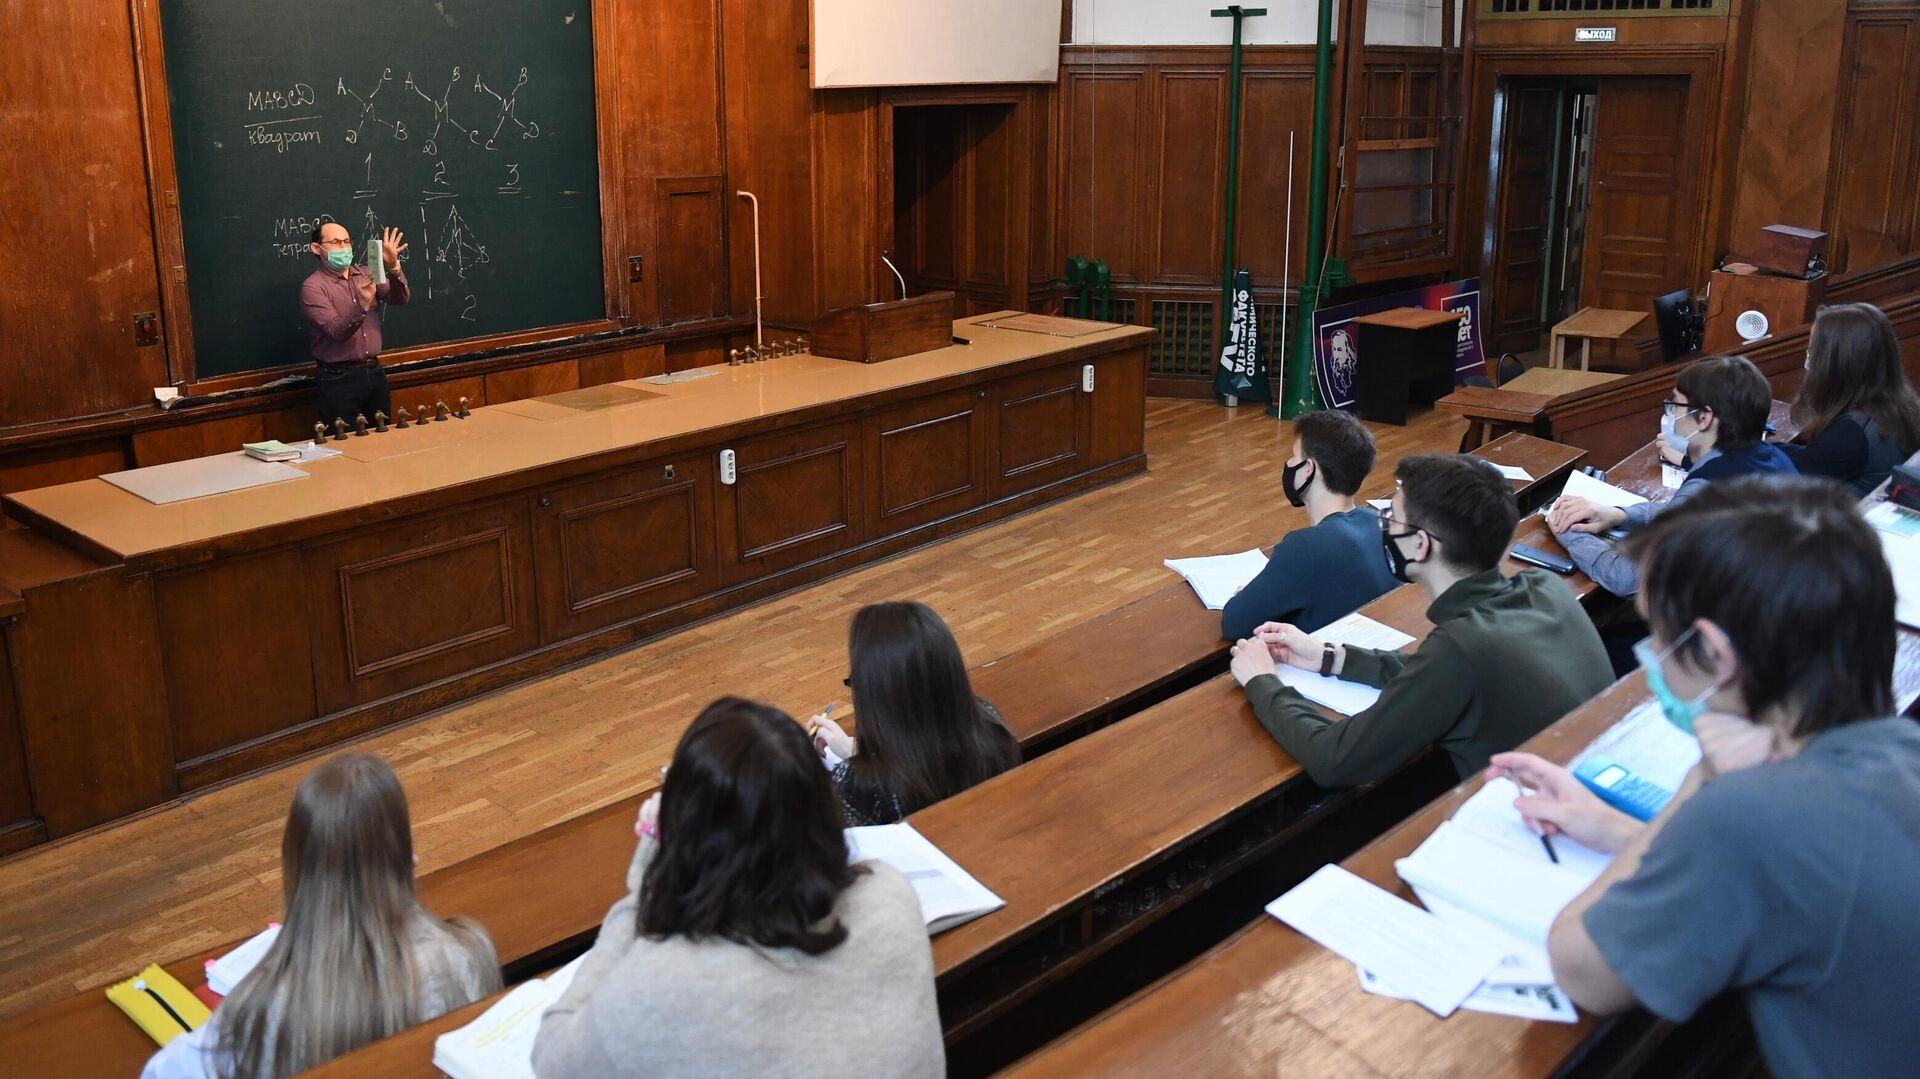 Преподаватель во время лекции в аудитории МГУ - РИА Новости, 1920, 17.03.2021